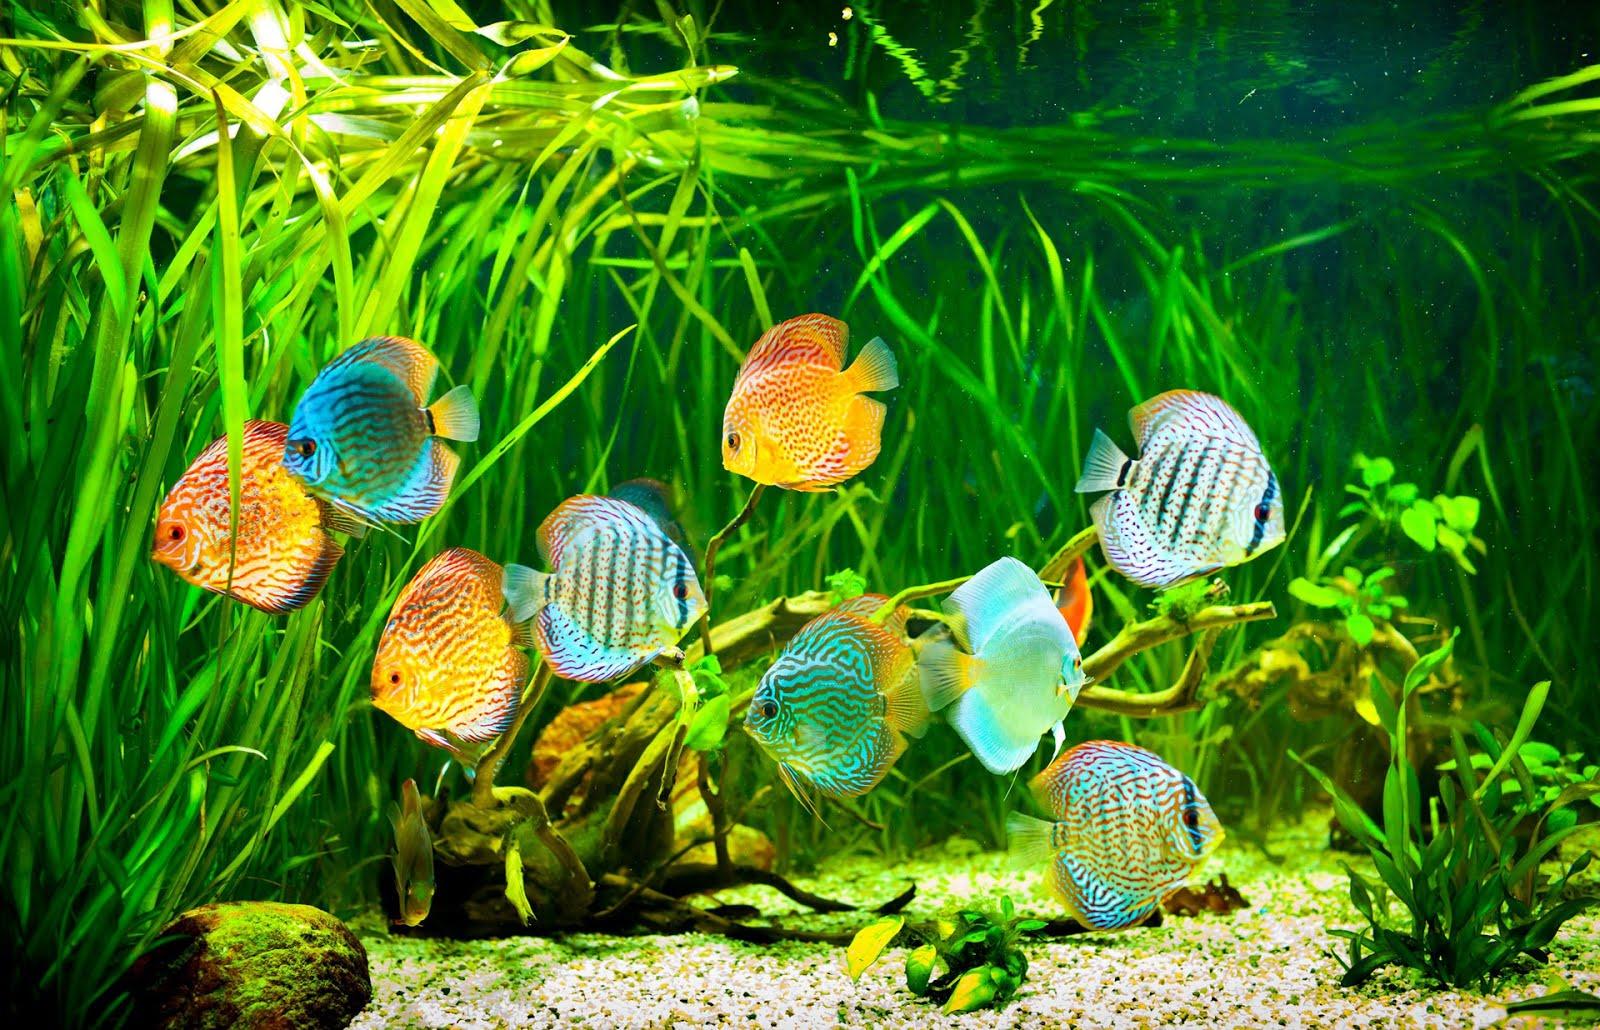 http://1.bp.blogspot.com/-ZvcYUG-CwQM/UOTC_meQPEI/AAAAAAABbjA/h2_LHbetOBs/s1600/peces-en-el-fondo-del-mar-fotos-del-oceano-con-vida-marina.jpg